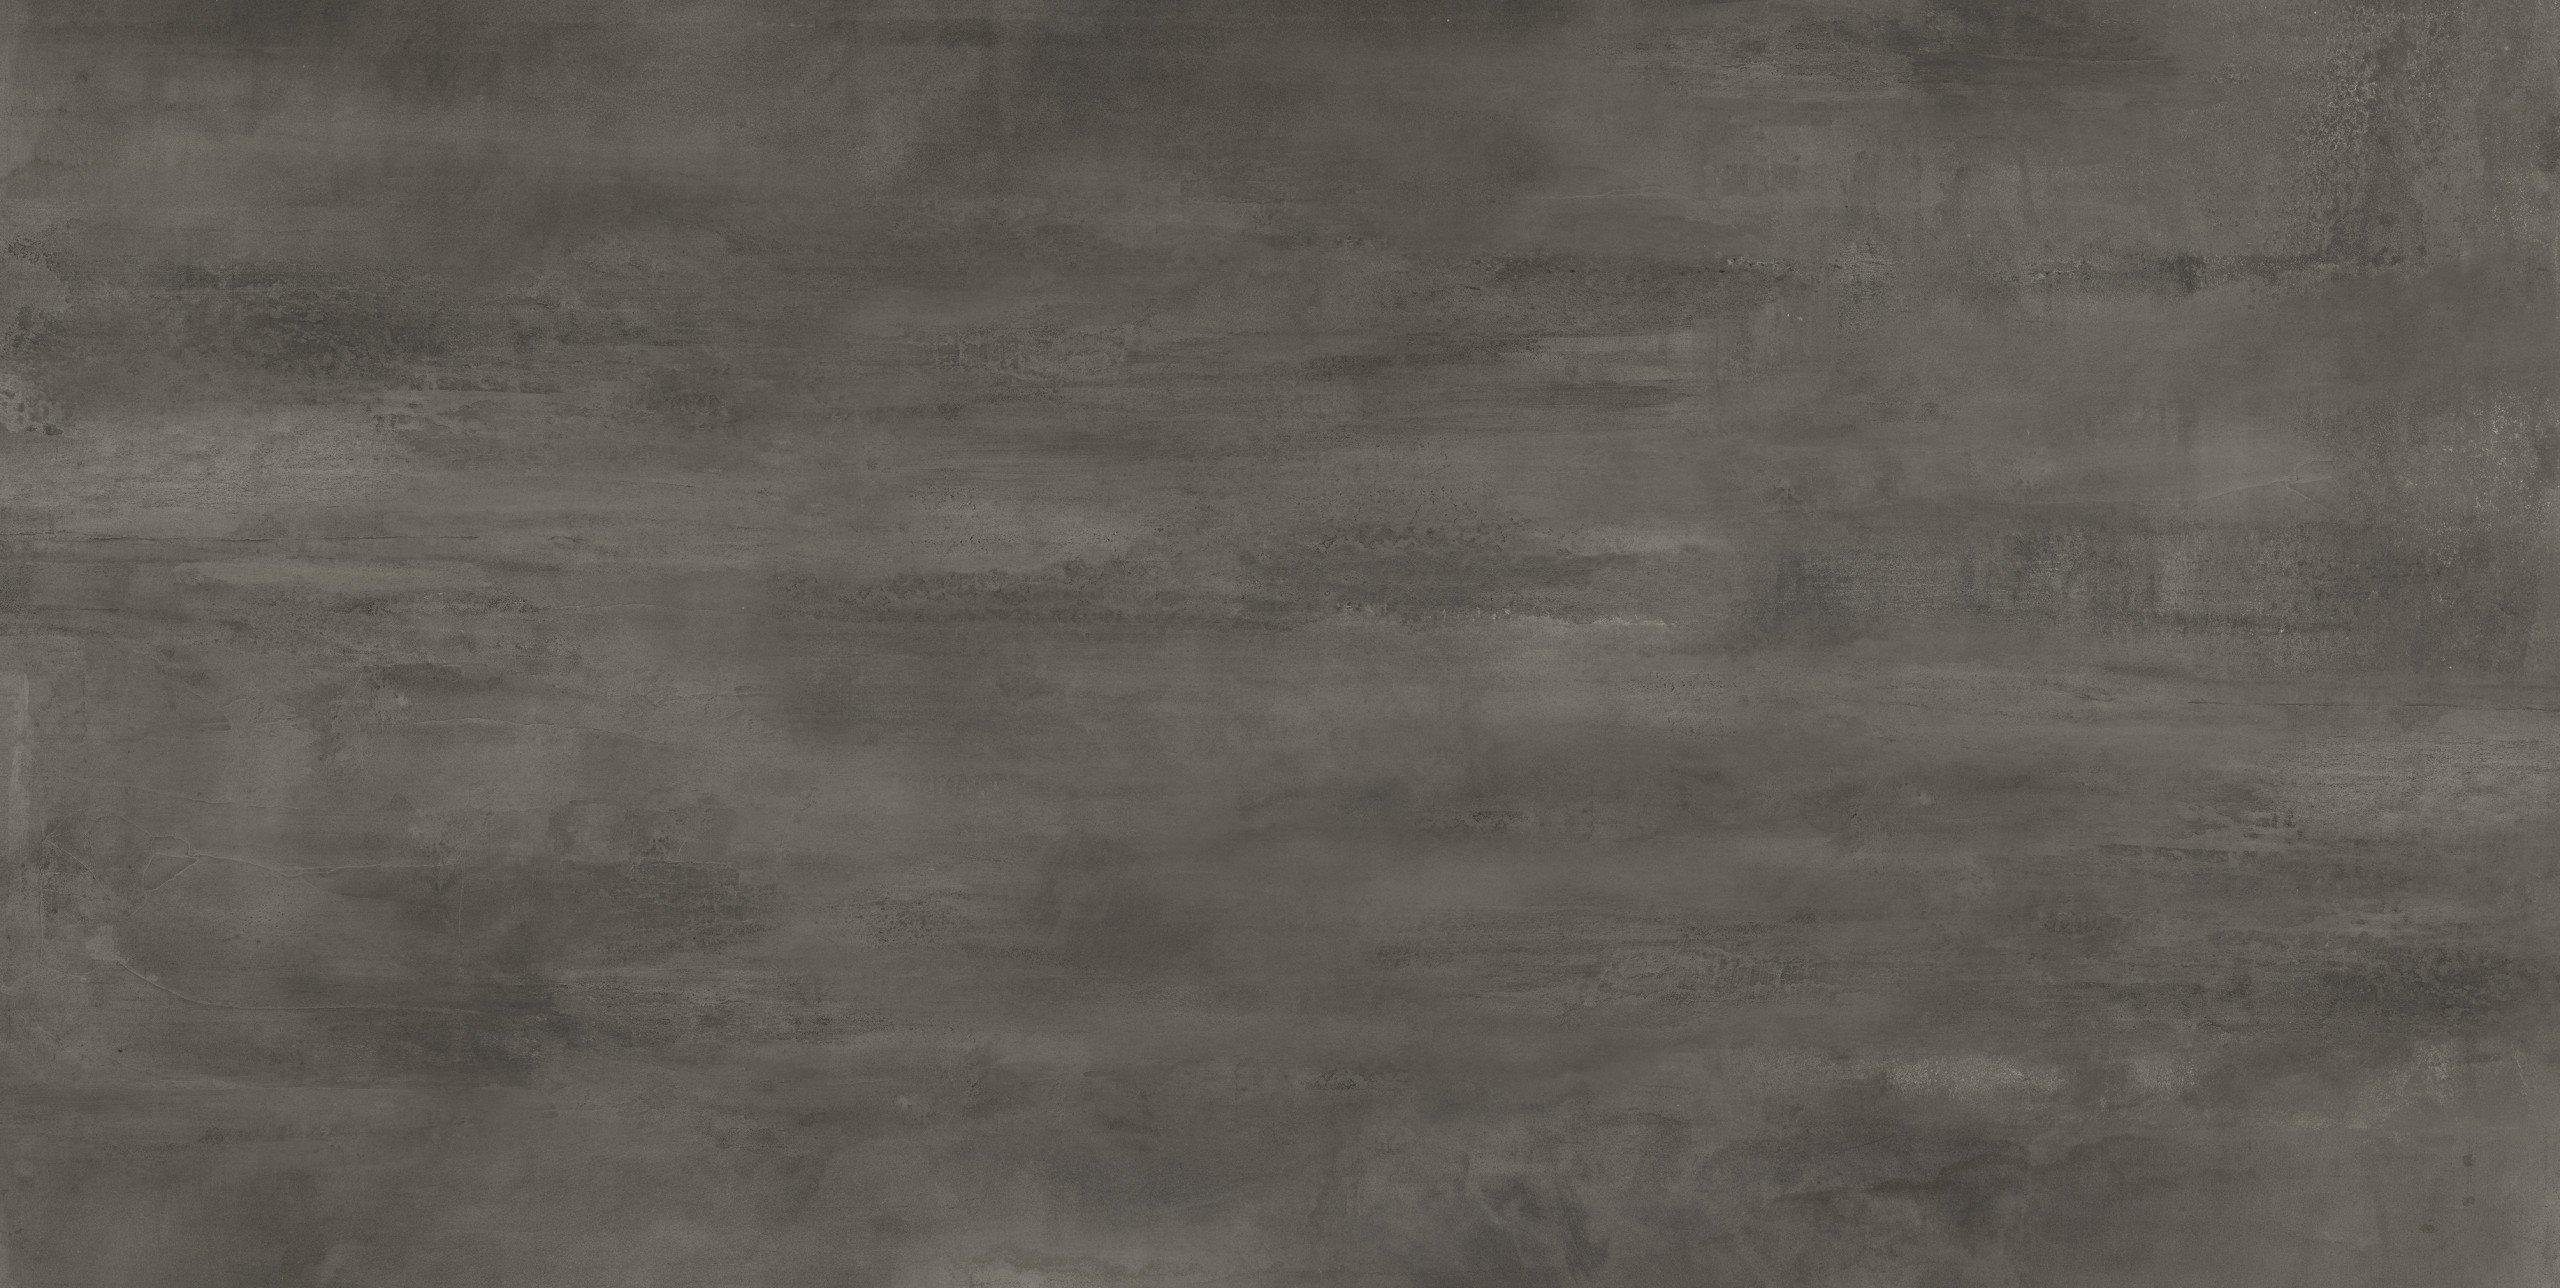 Idylium Brera Fusco Concrete